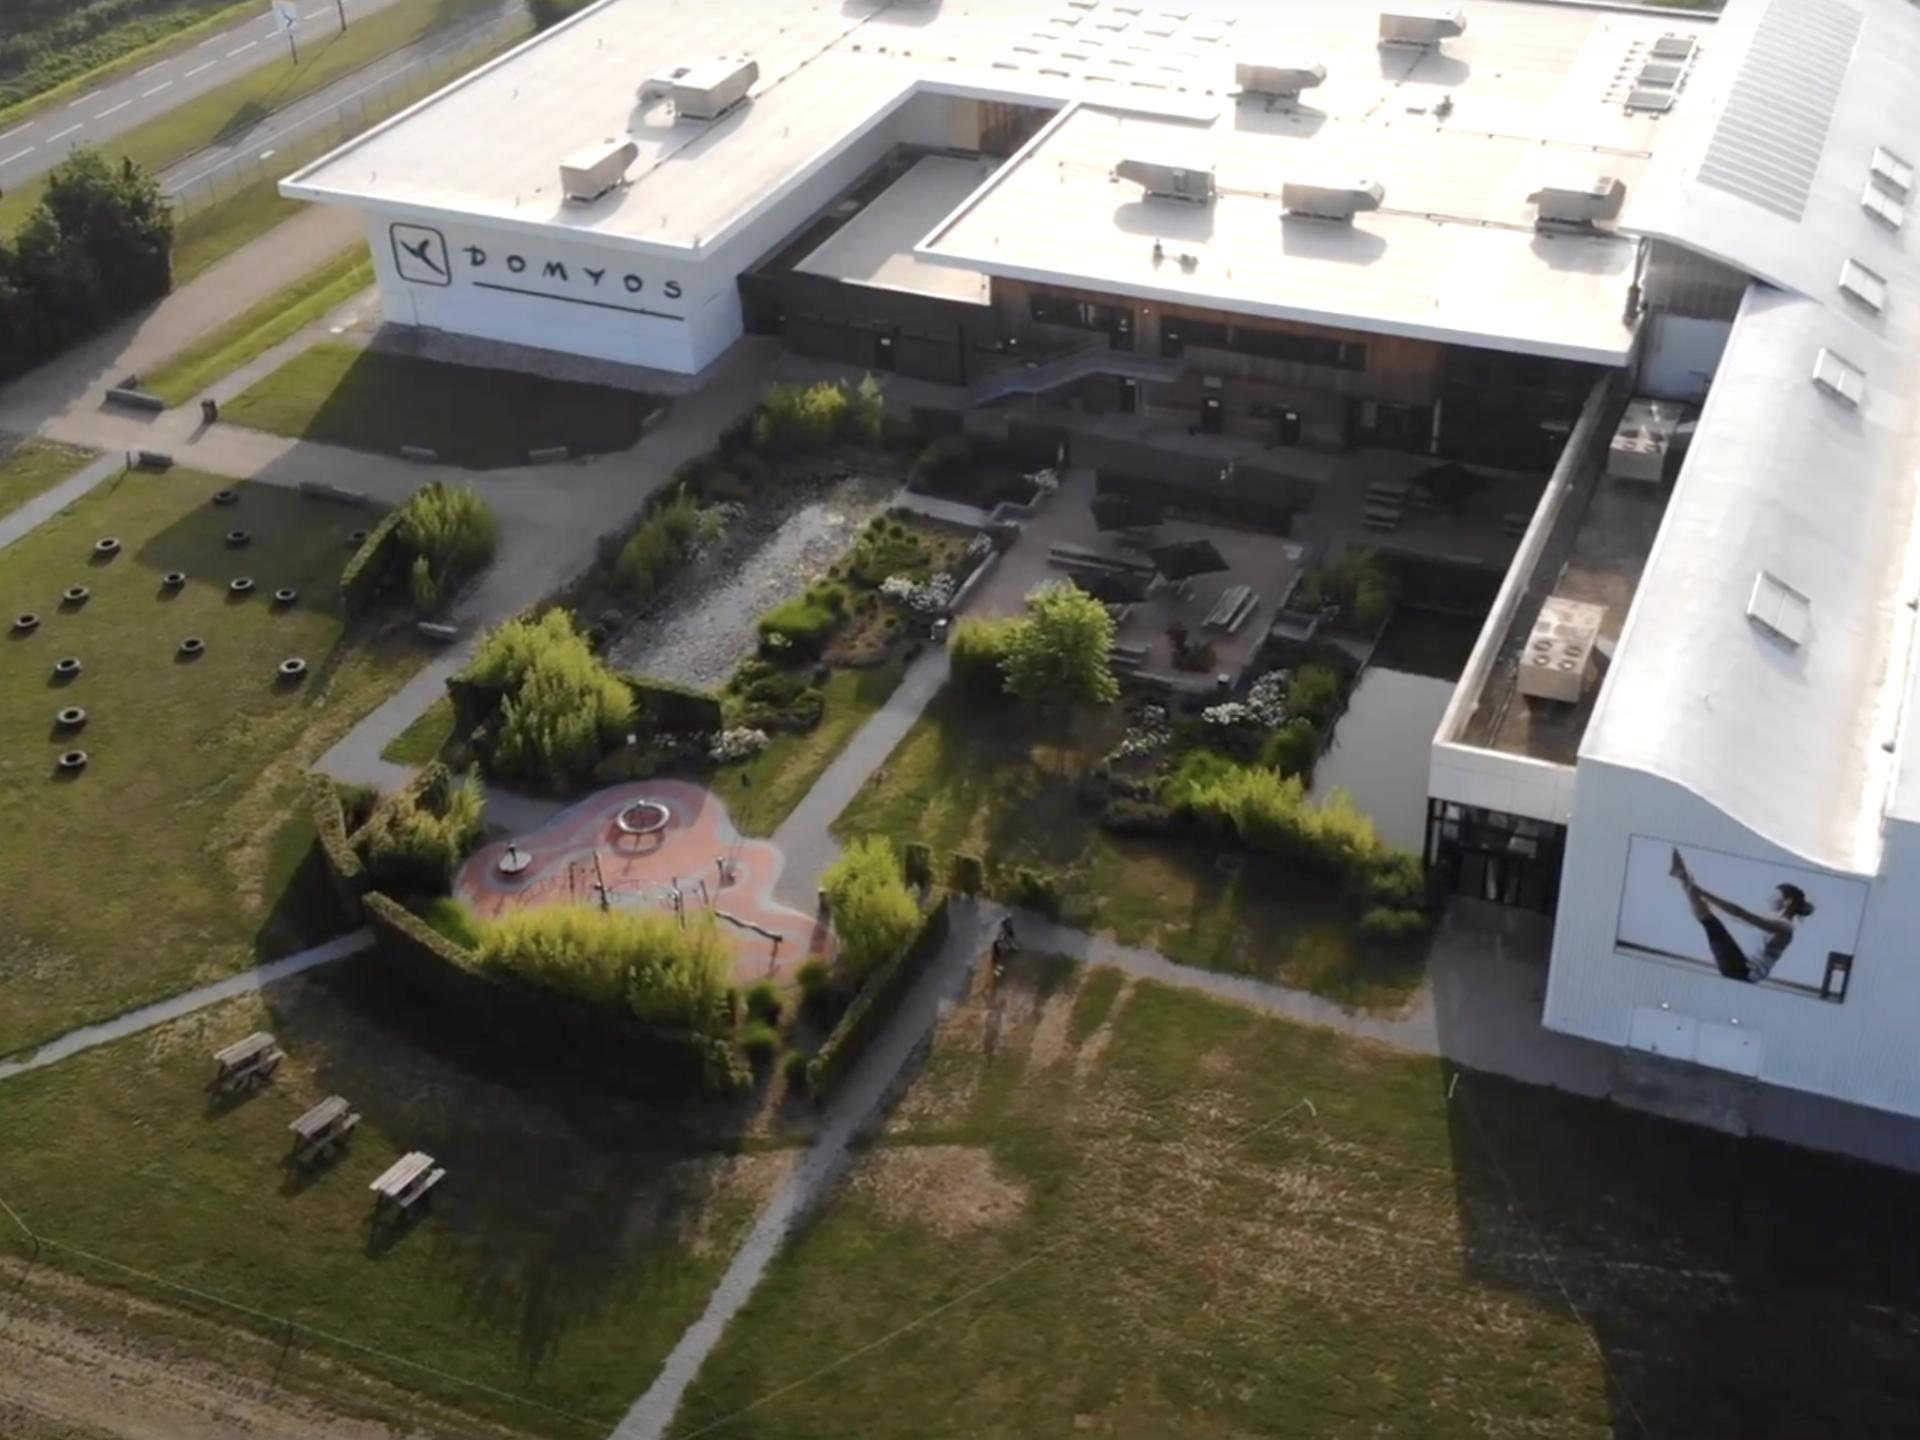 siege decathlon domyos marcq en barouel fitness centre